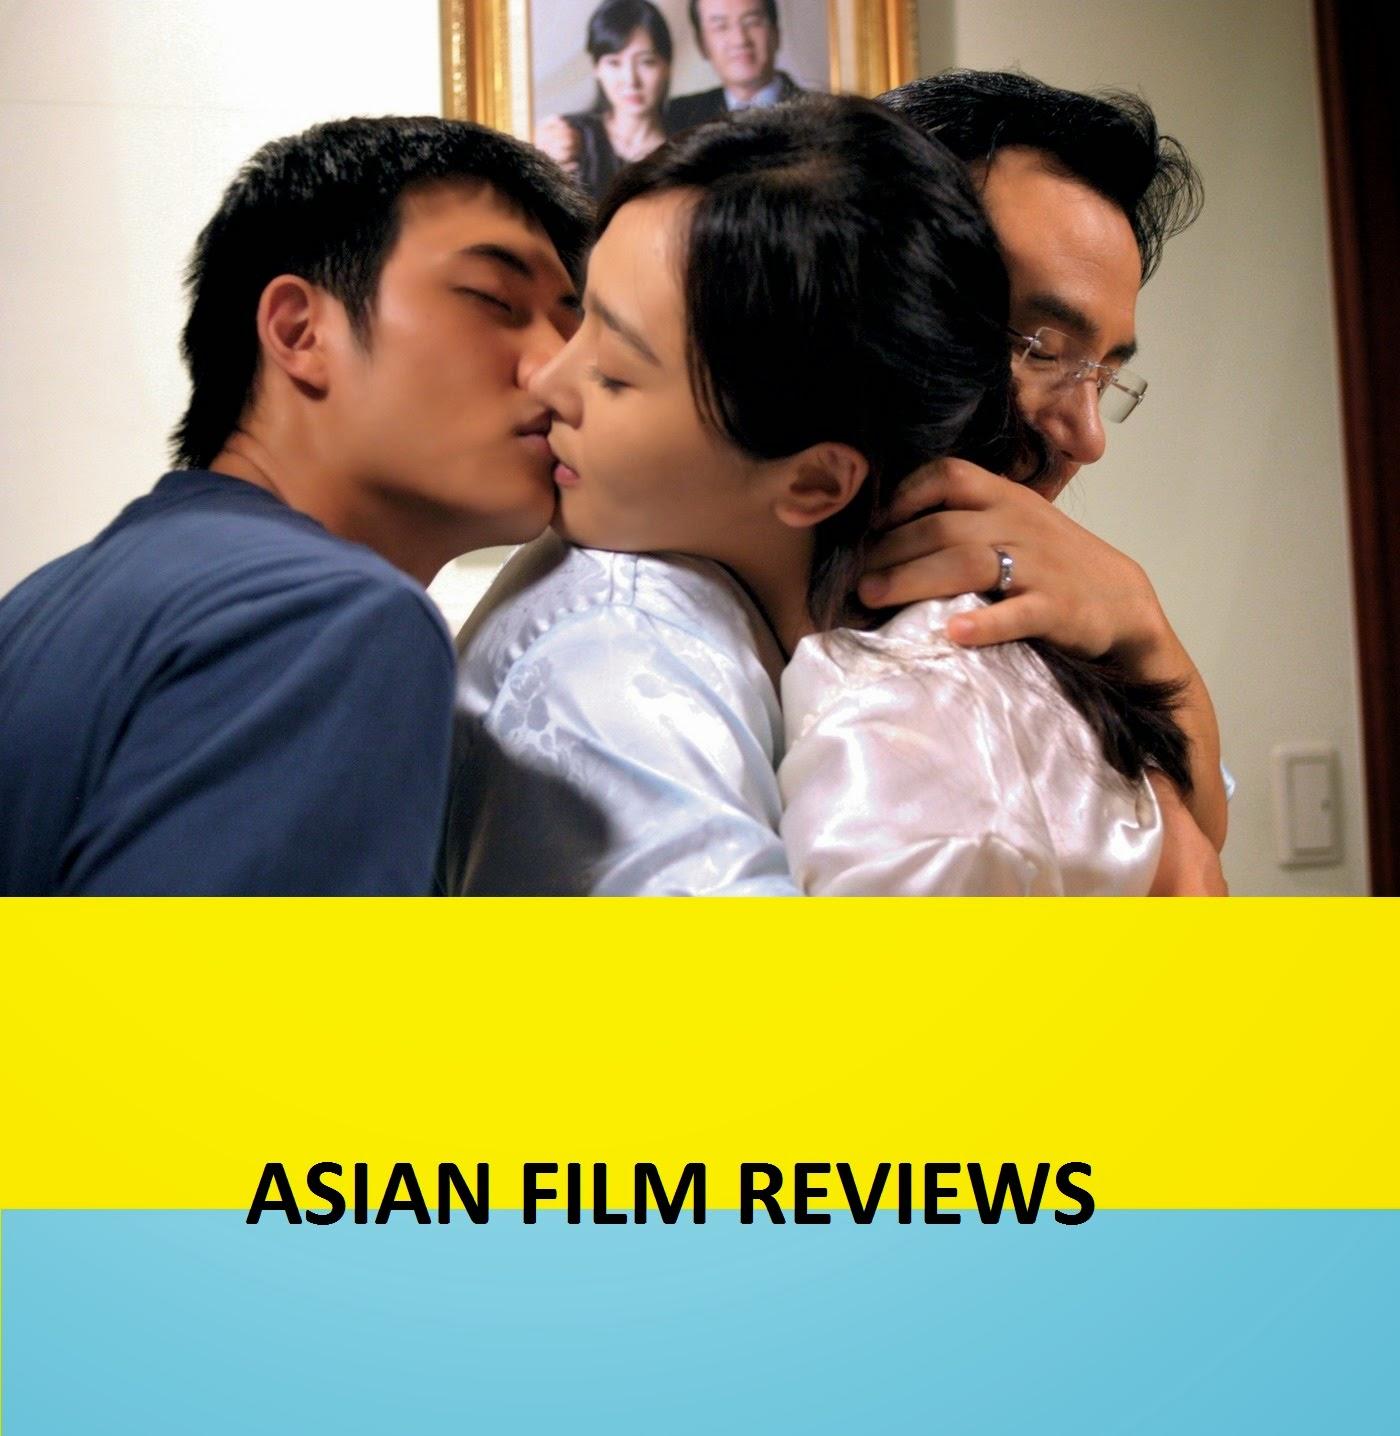 Asian Film Reviews